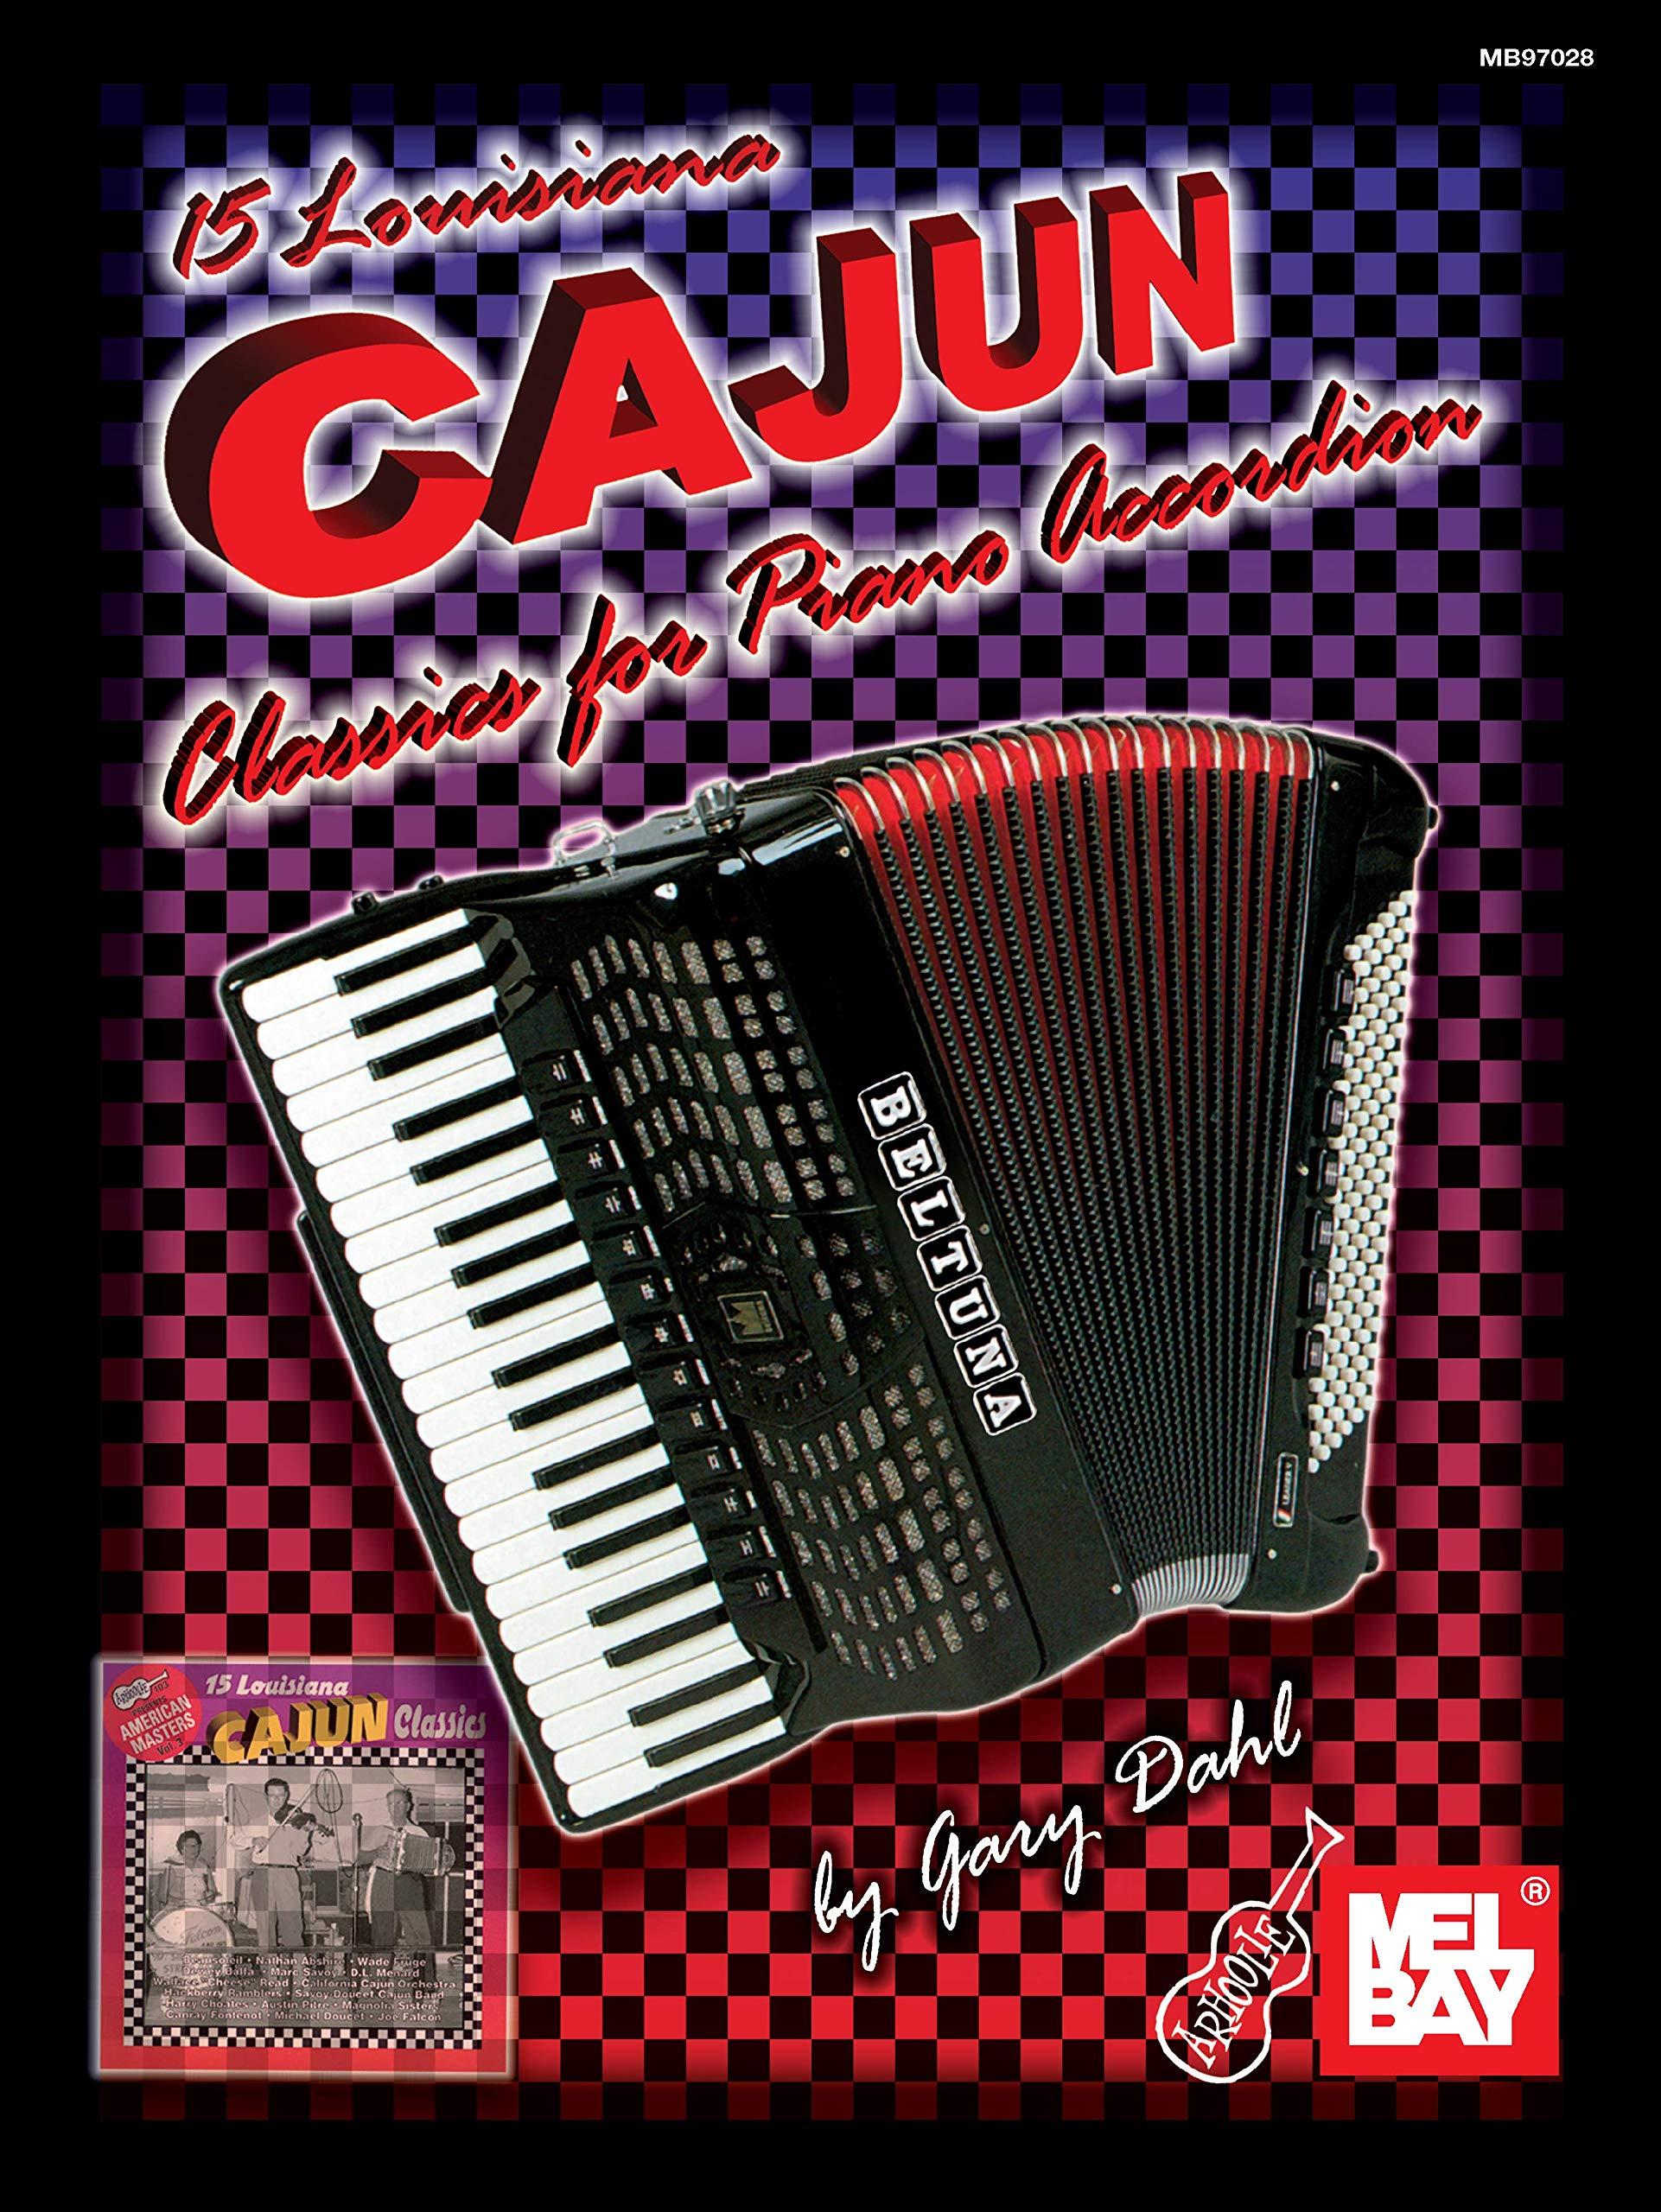 15 Louisiana Cajun Classics for Piano Accordion Mel Bay Presents.